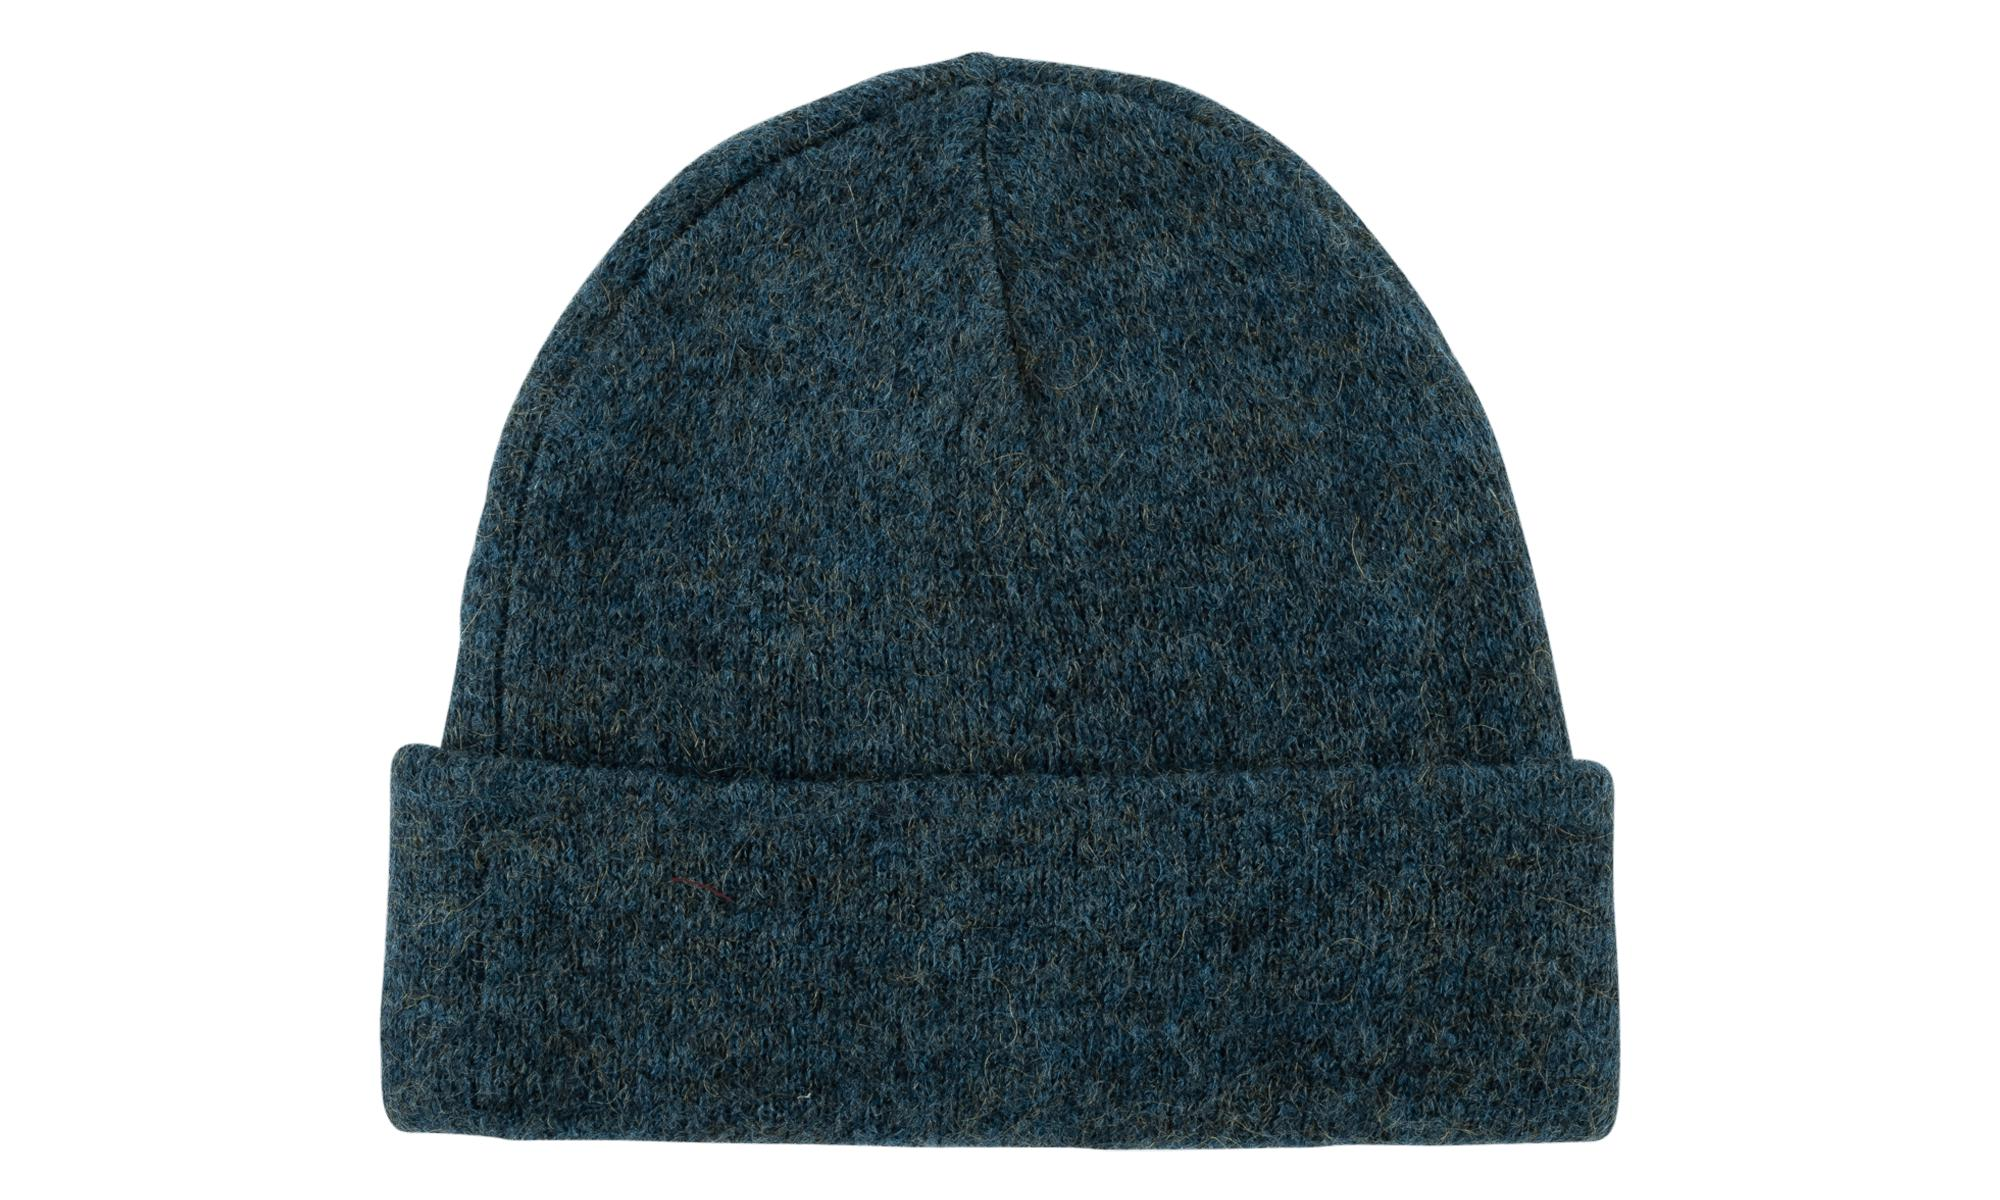 Supreme - Blue Mohair Beanie for Men - Lyst. View fullscreen 25333e2510ac